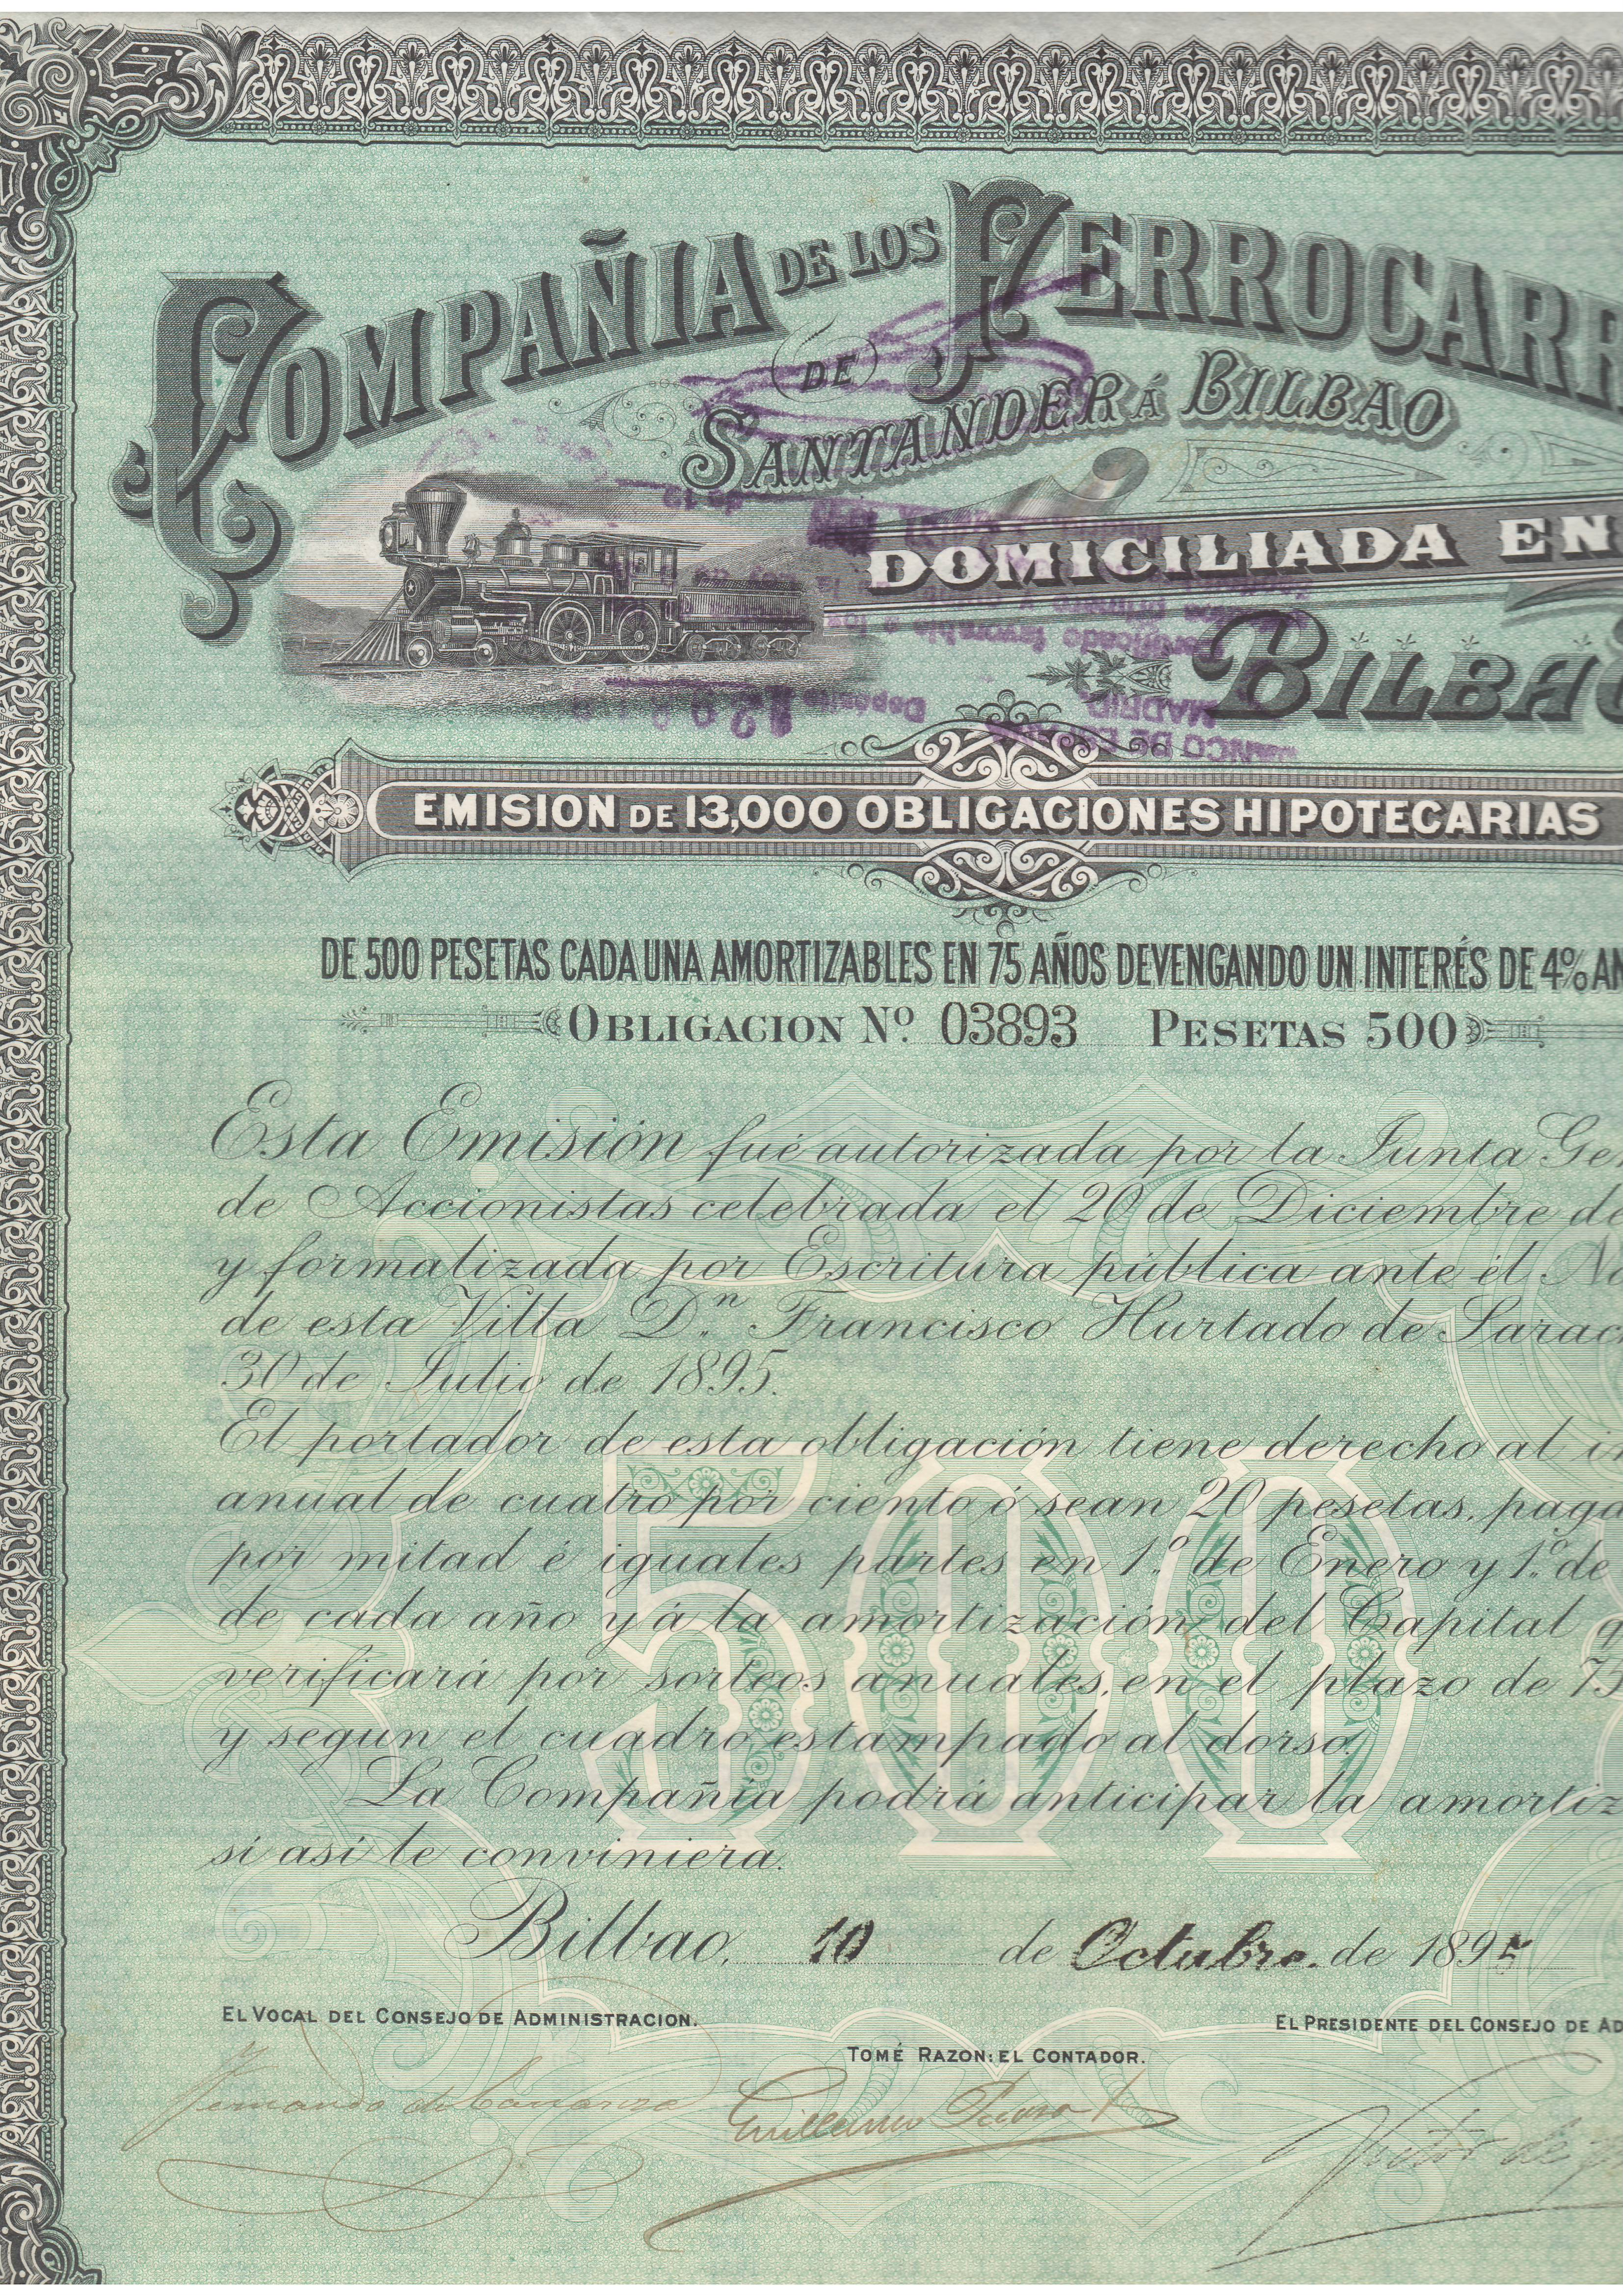 Compañía de los Ferrocarriles Santander a Bilbao